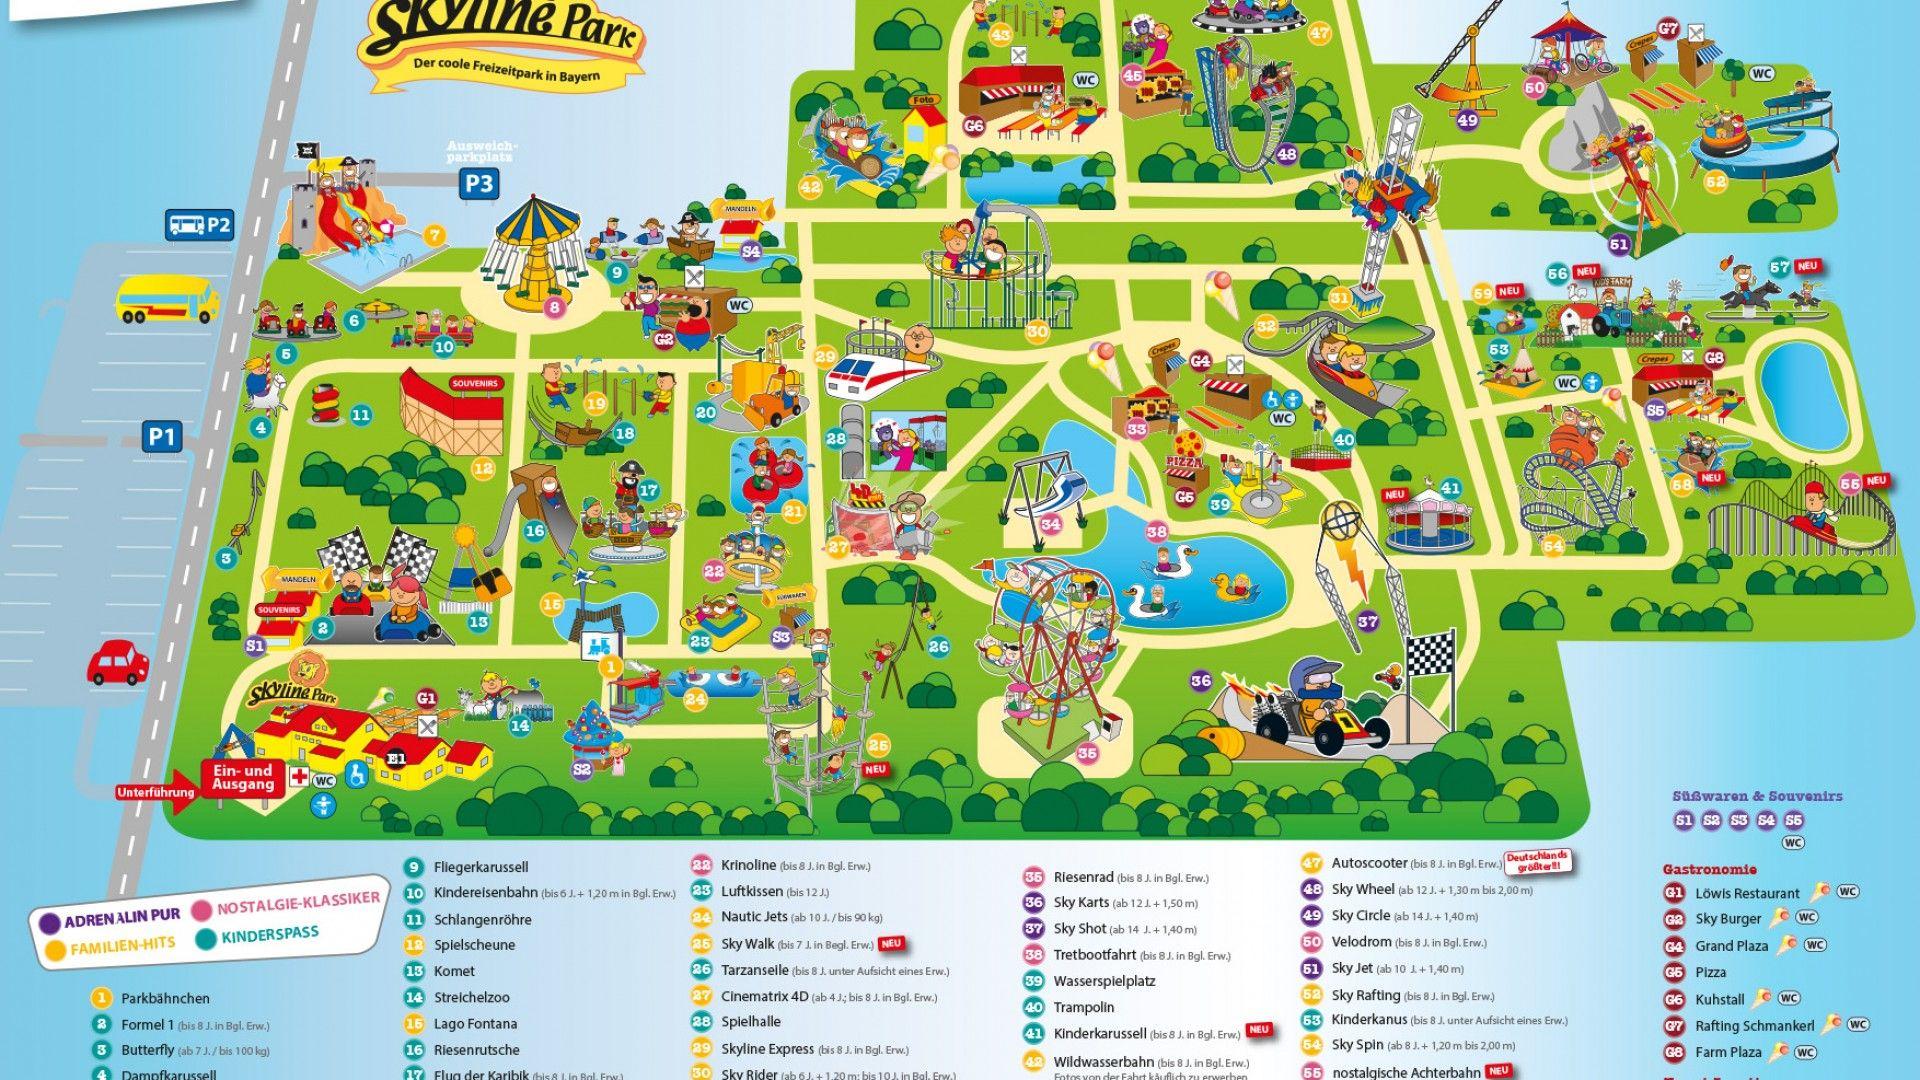 Allgau Skyline Park 遊園地 観光地 あげる